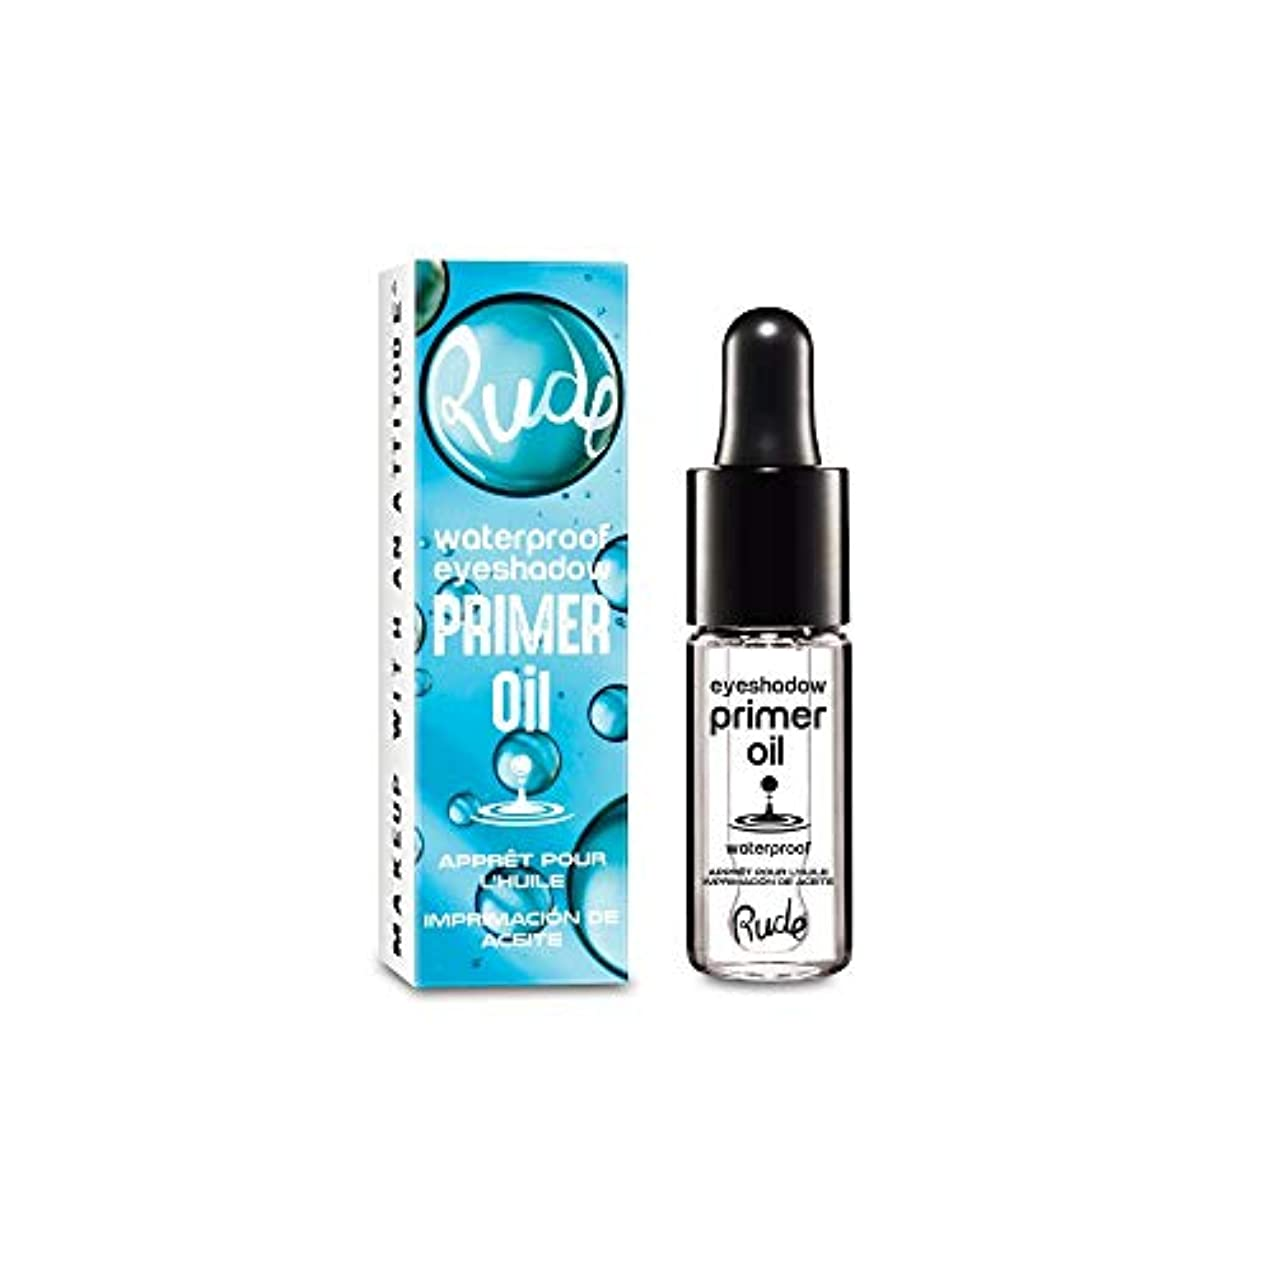 RUDE Waterproof Eyeshadow Primer Oil (並行輸入品)